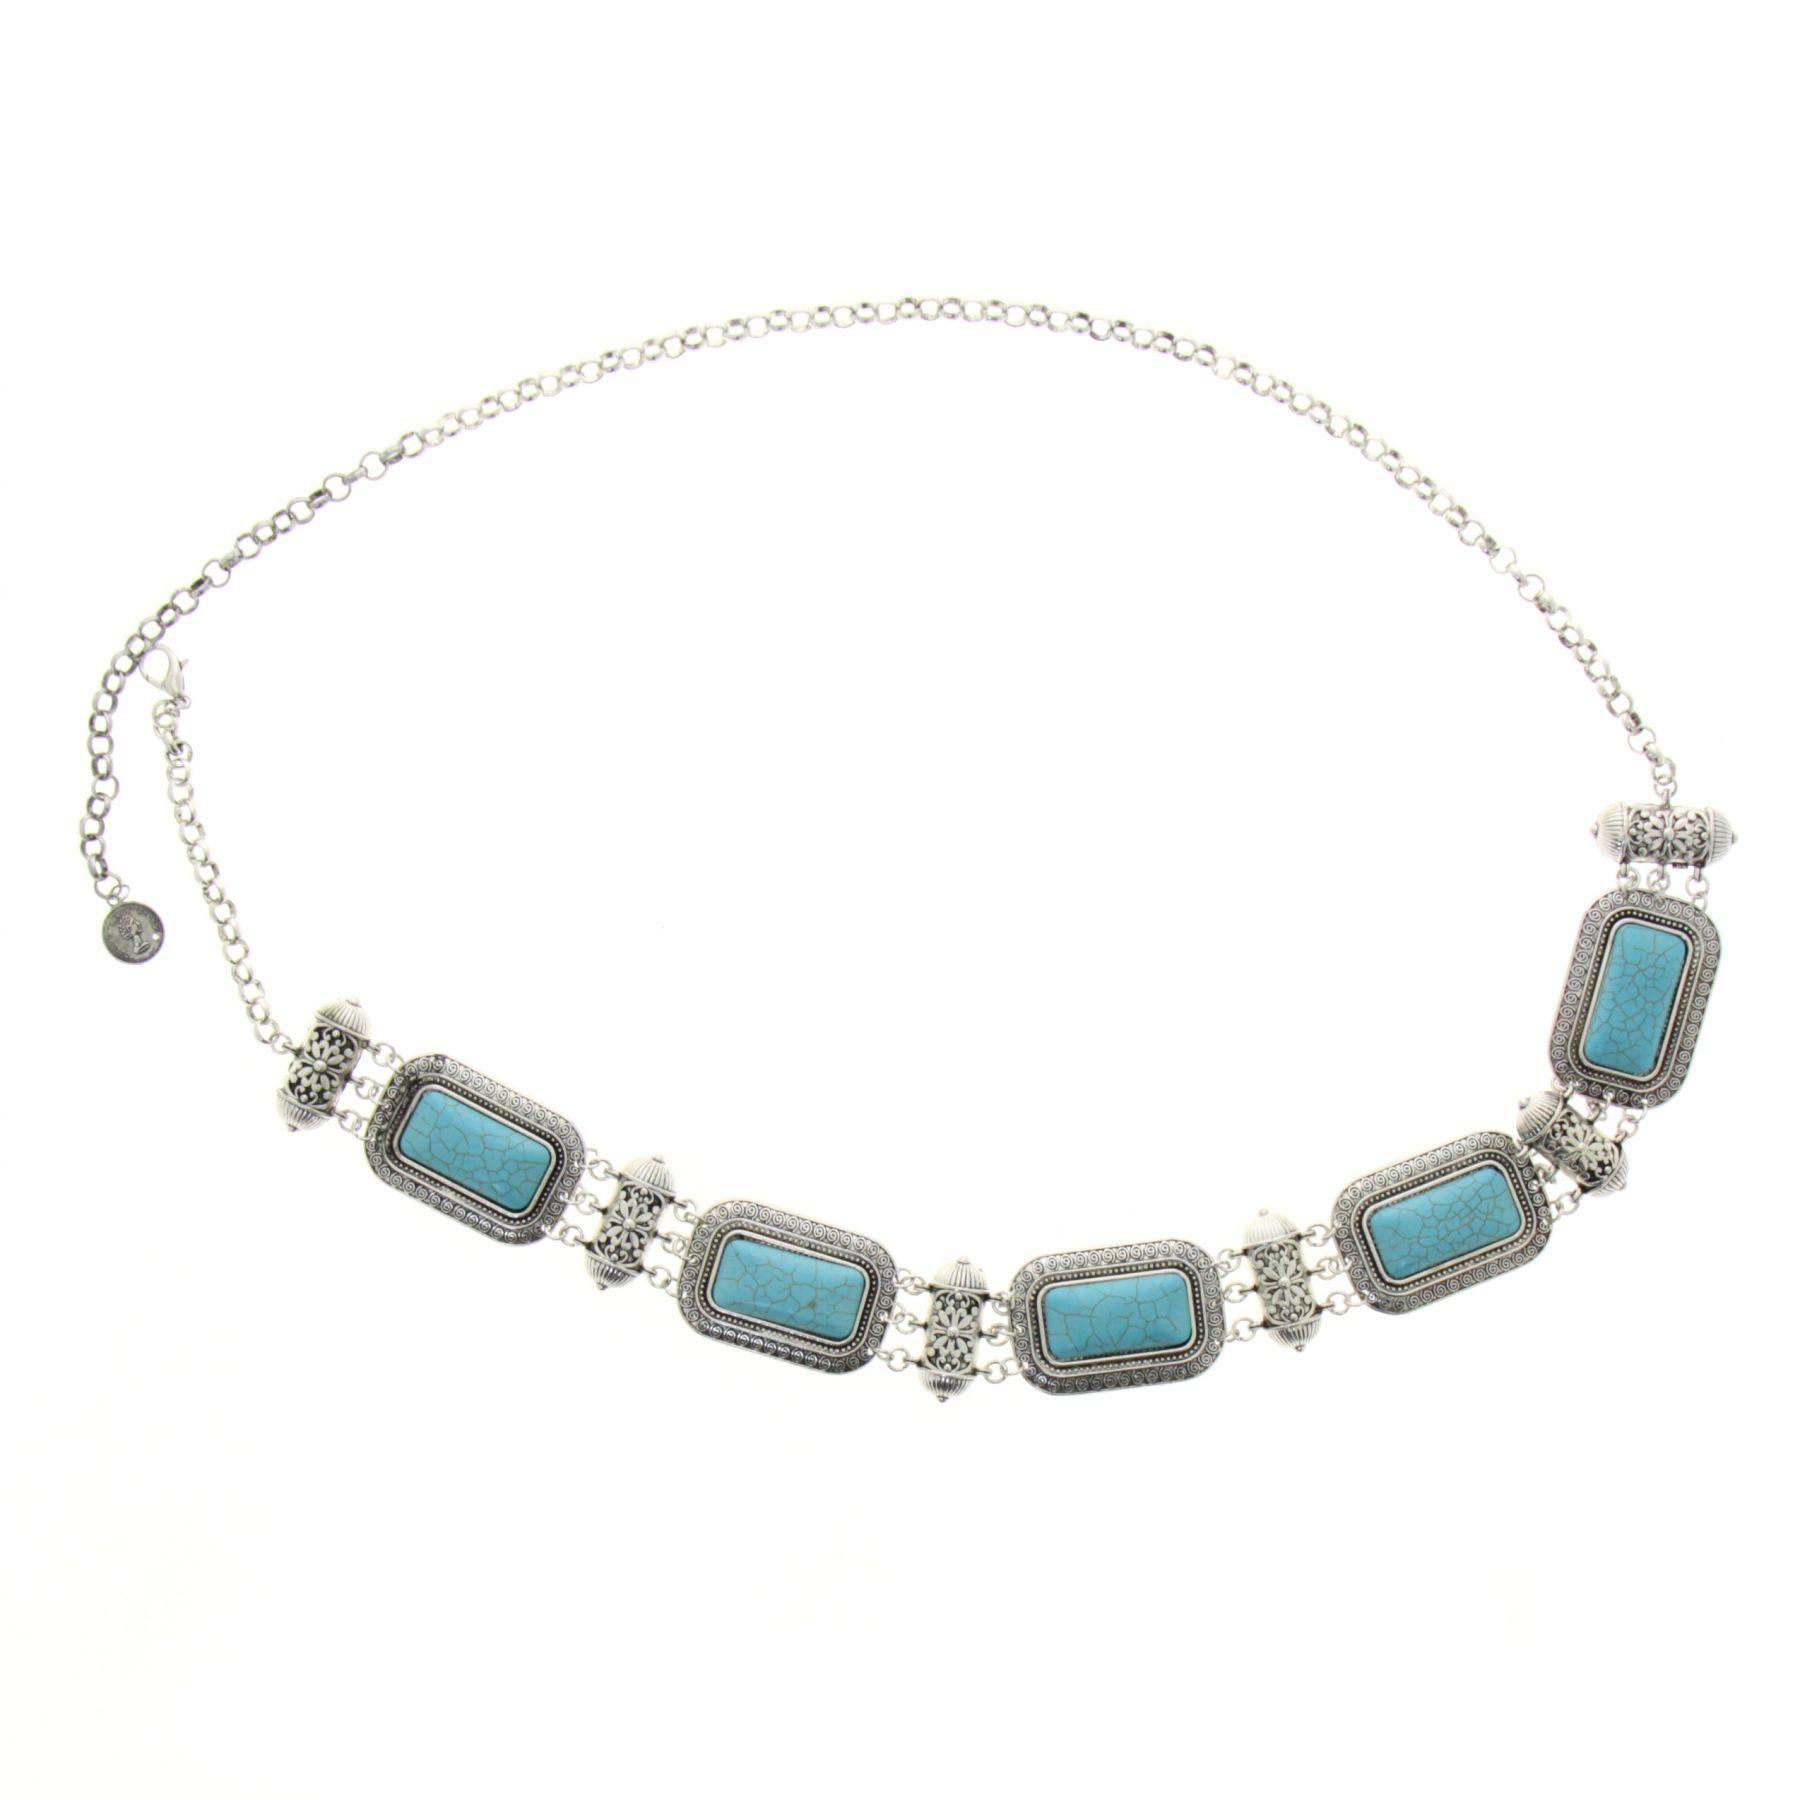 Ceinture chaines pendantes CLAIRE. Loading zoom 89930f5d99e